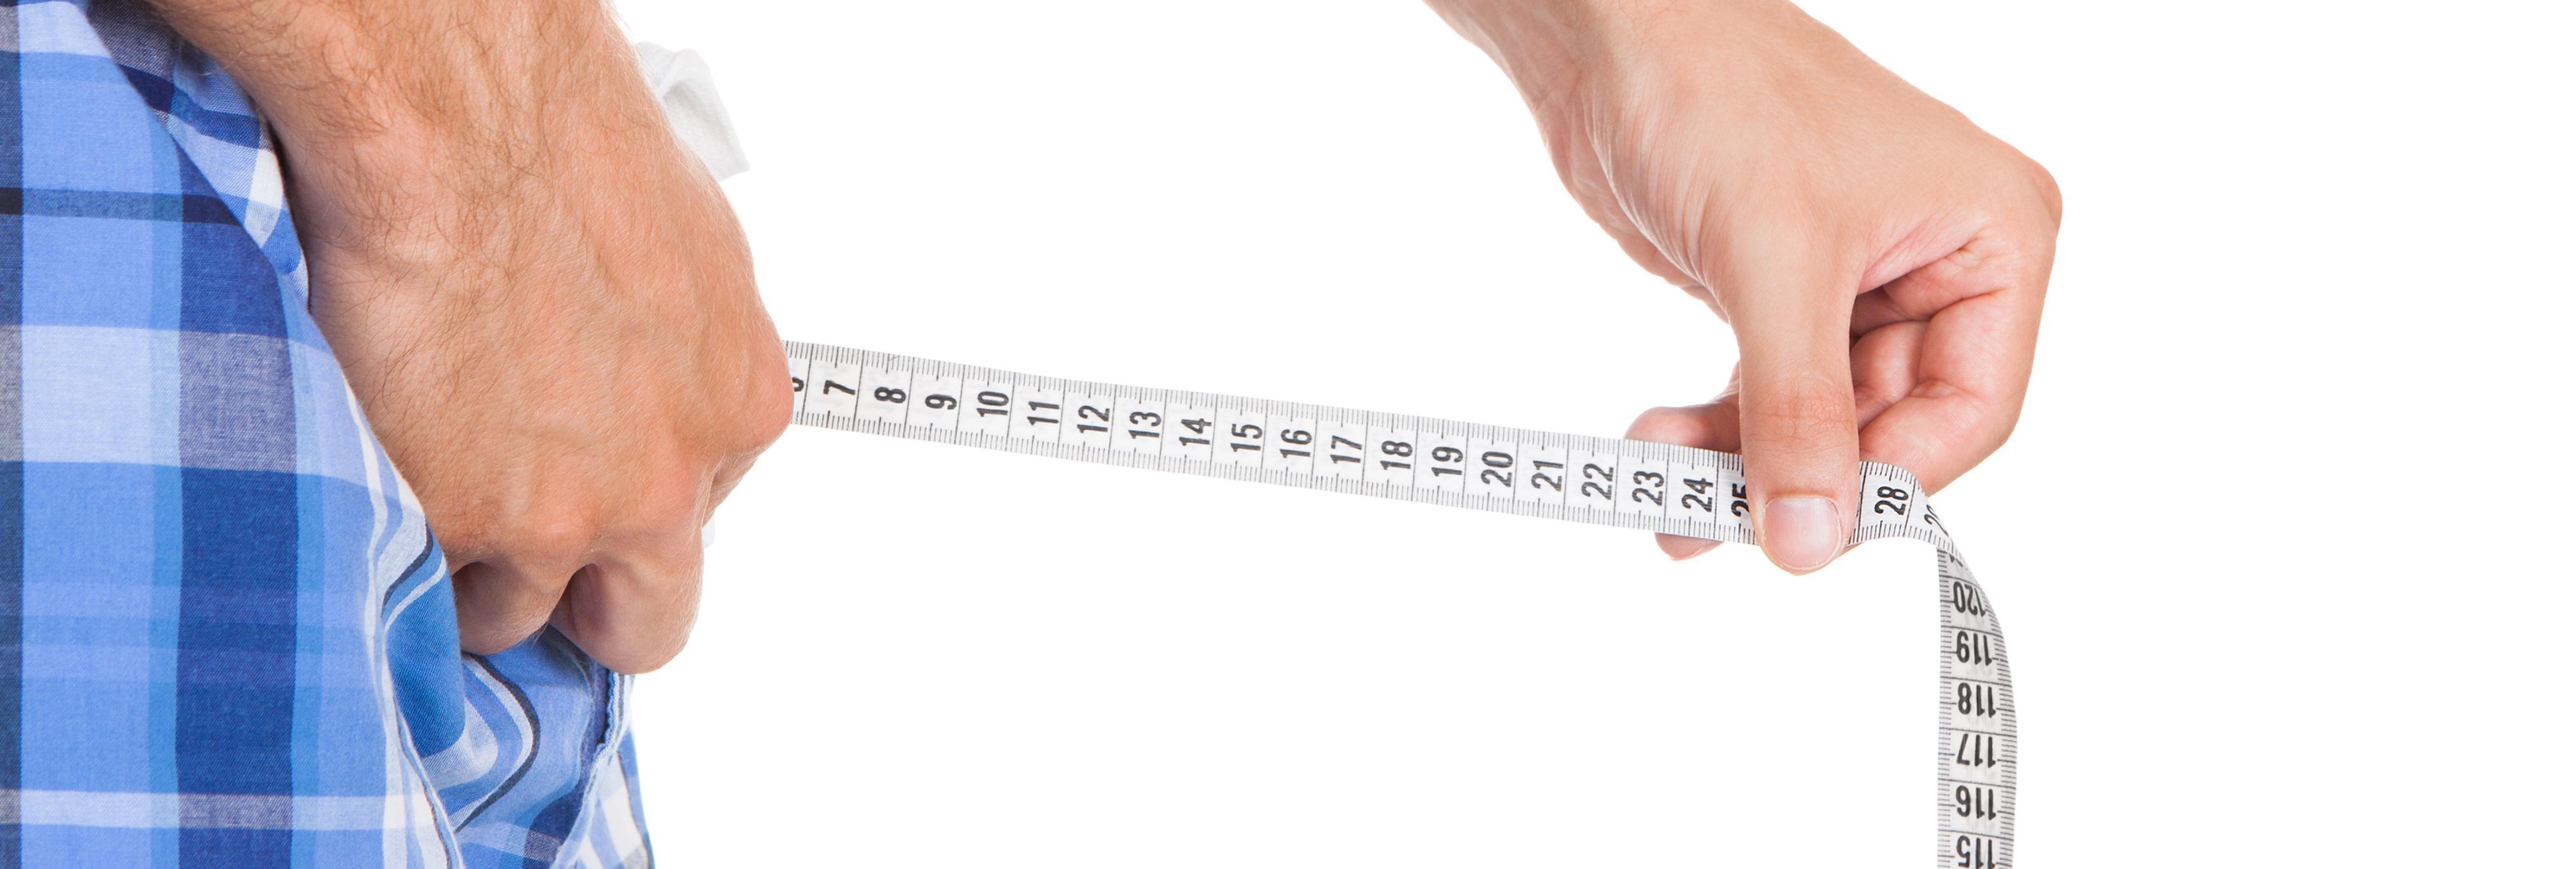 factores que determinan el tamaño del pene